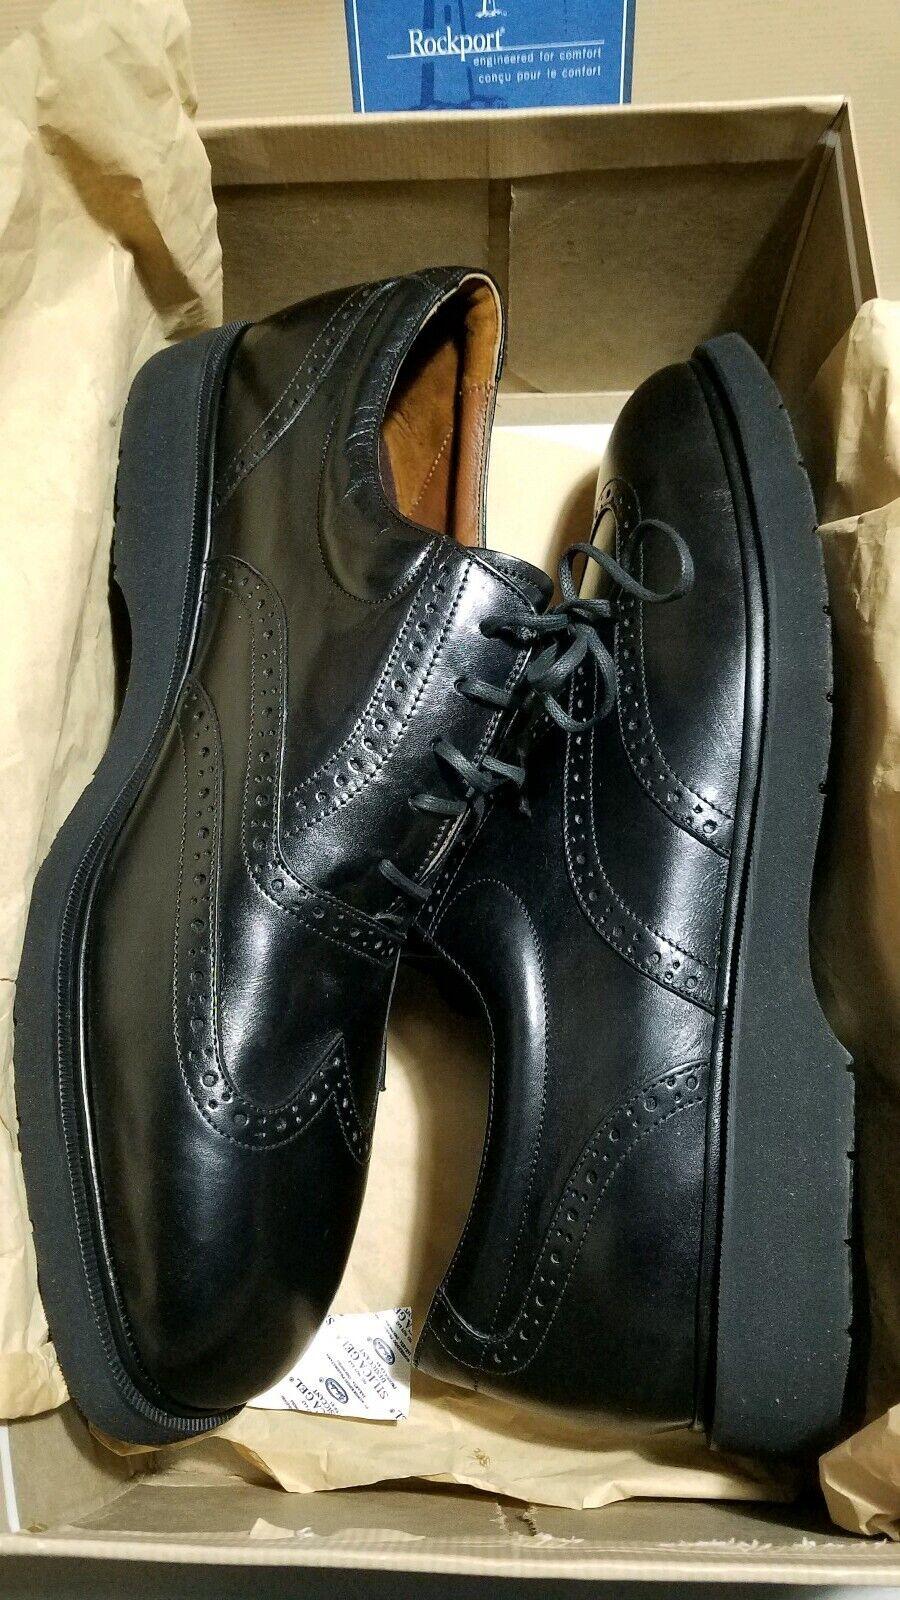 - Es Vintage 1990s AS nuevo viejo stock USA Sz.13M Hombres Negro ROCKPORT MM378 Zapatos deportivos de vestir de extremo de ala